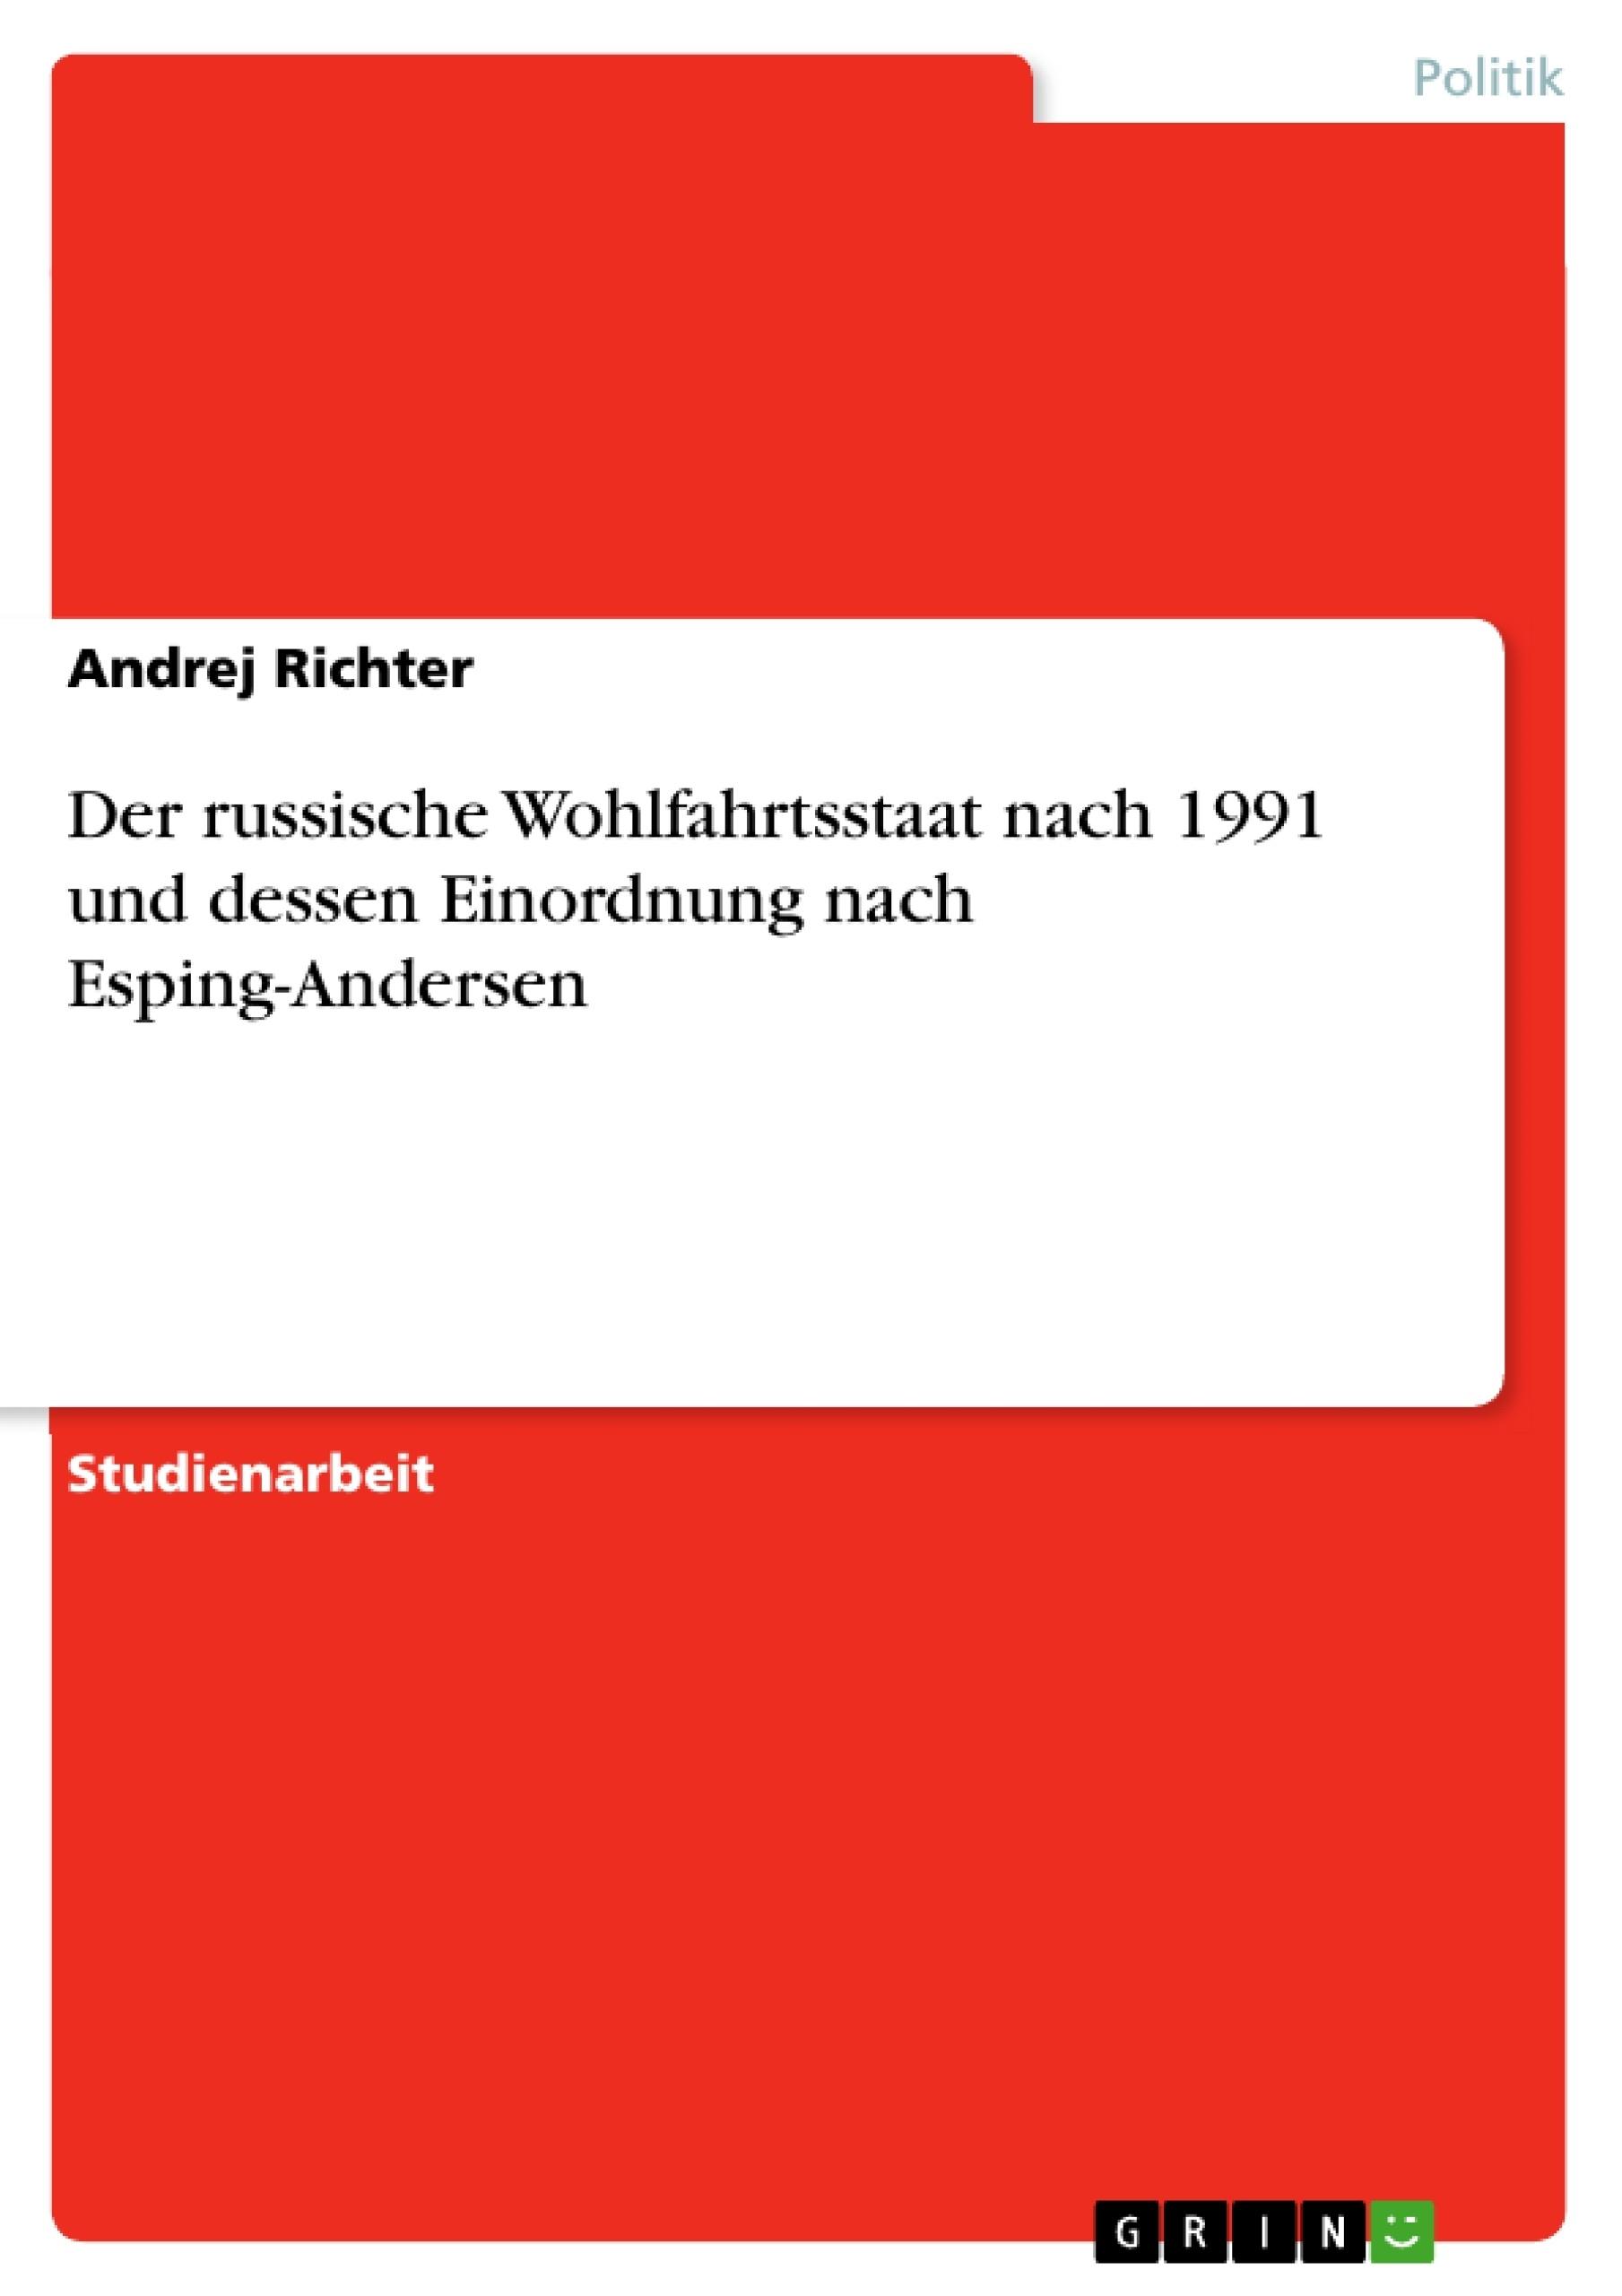 Titel: Der russische Wohlfahrtsstaat nach 1991 und dessen Einordnung nach Esping-Andersen